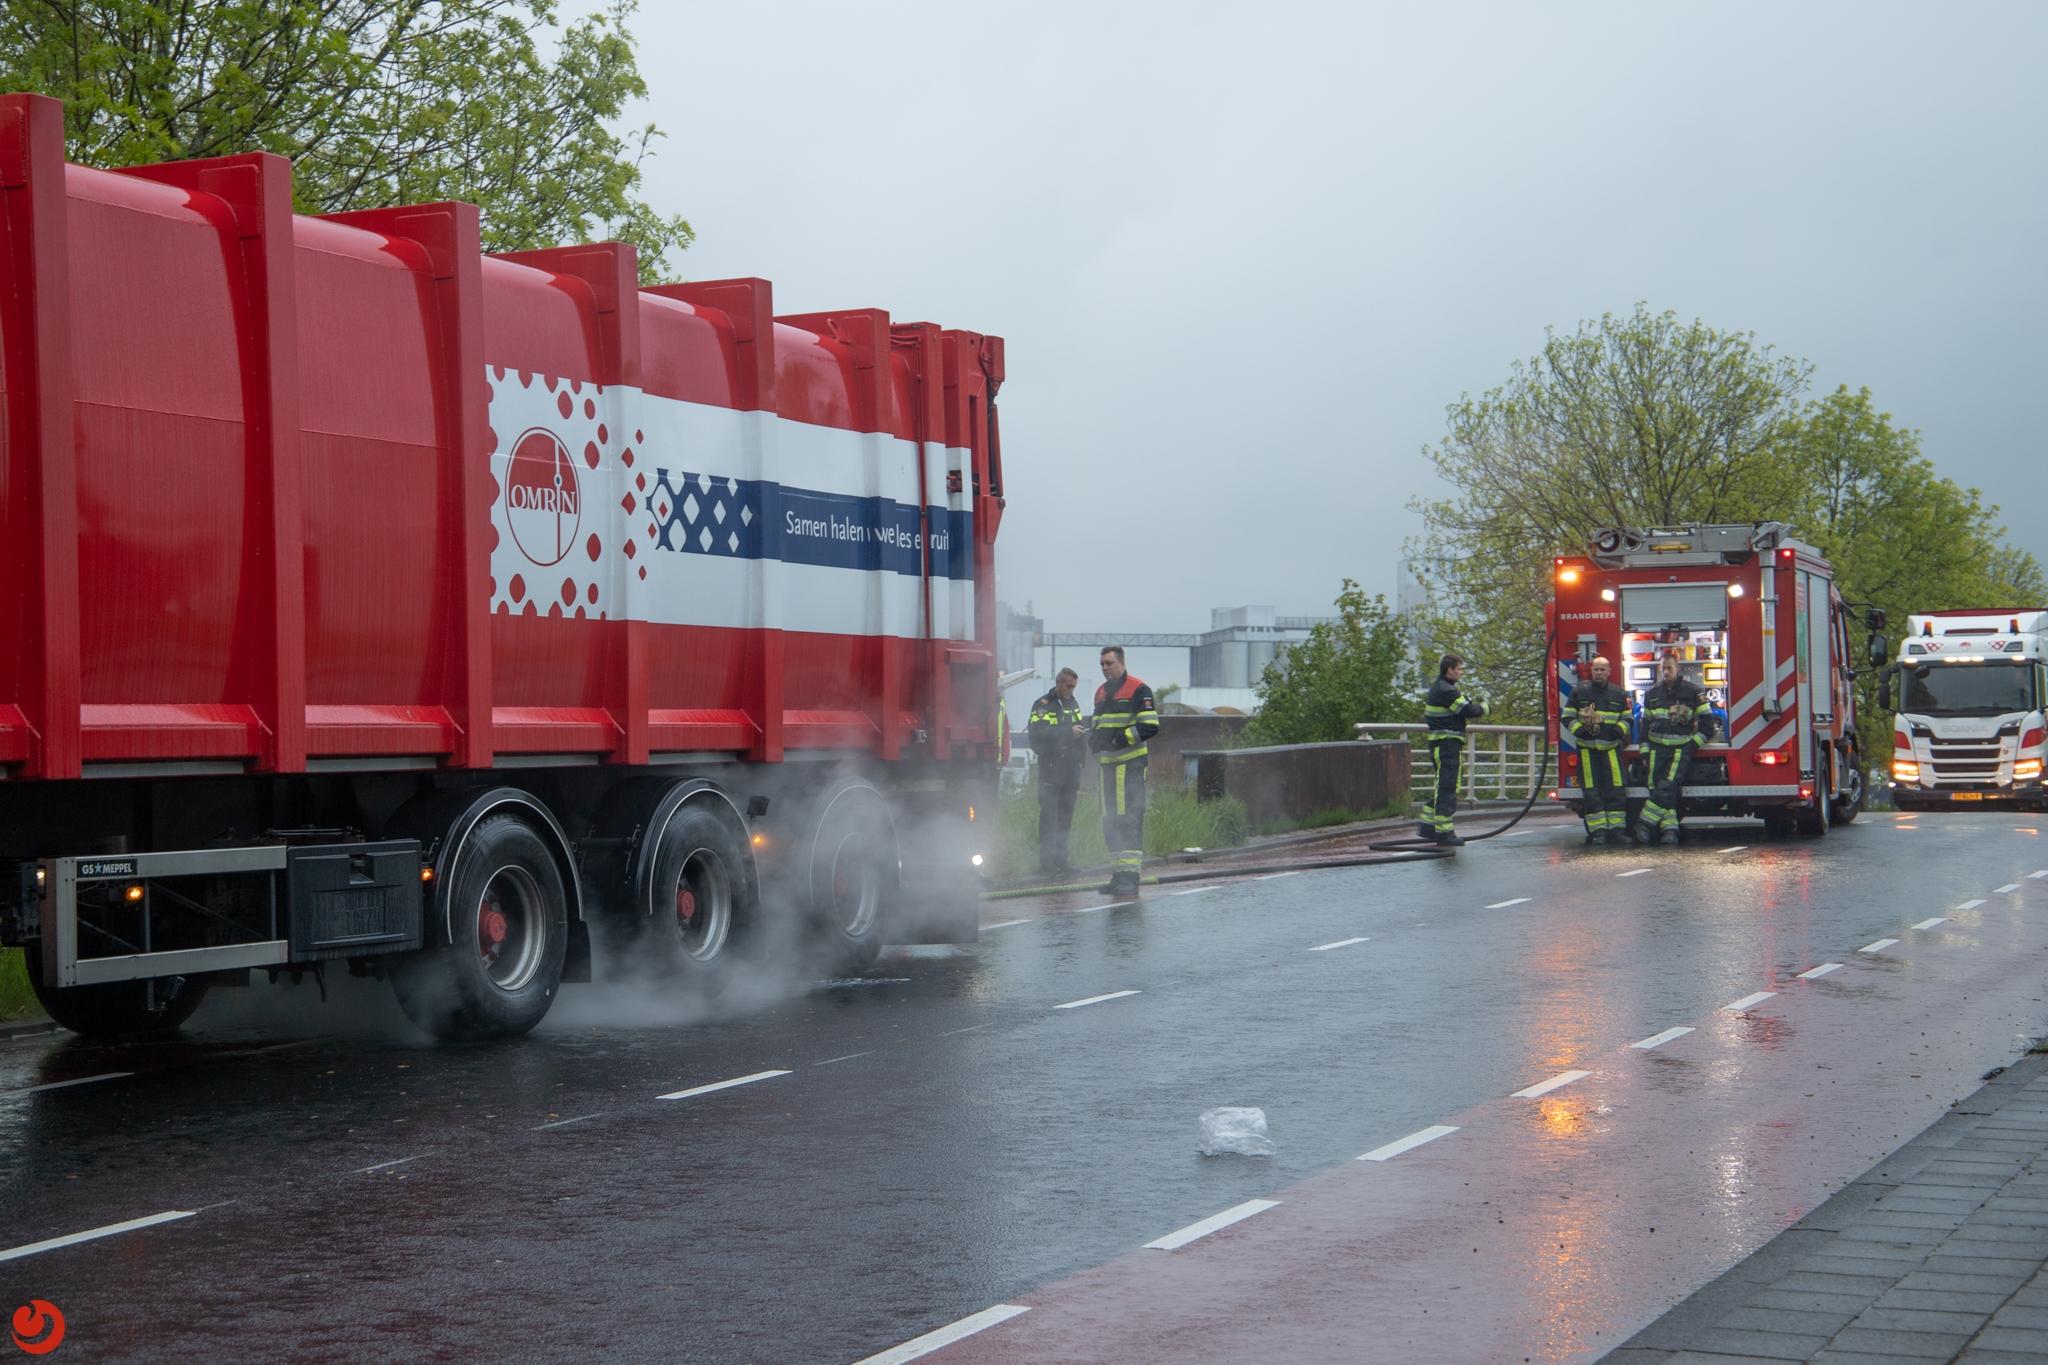 Brandweer koelt vrachtwagen met vastgelopen remmen in Leeuwarden